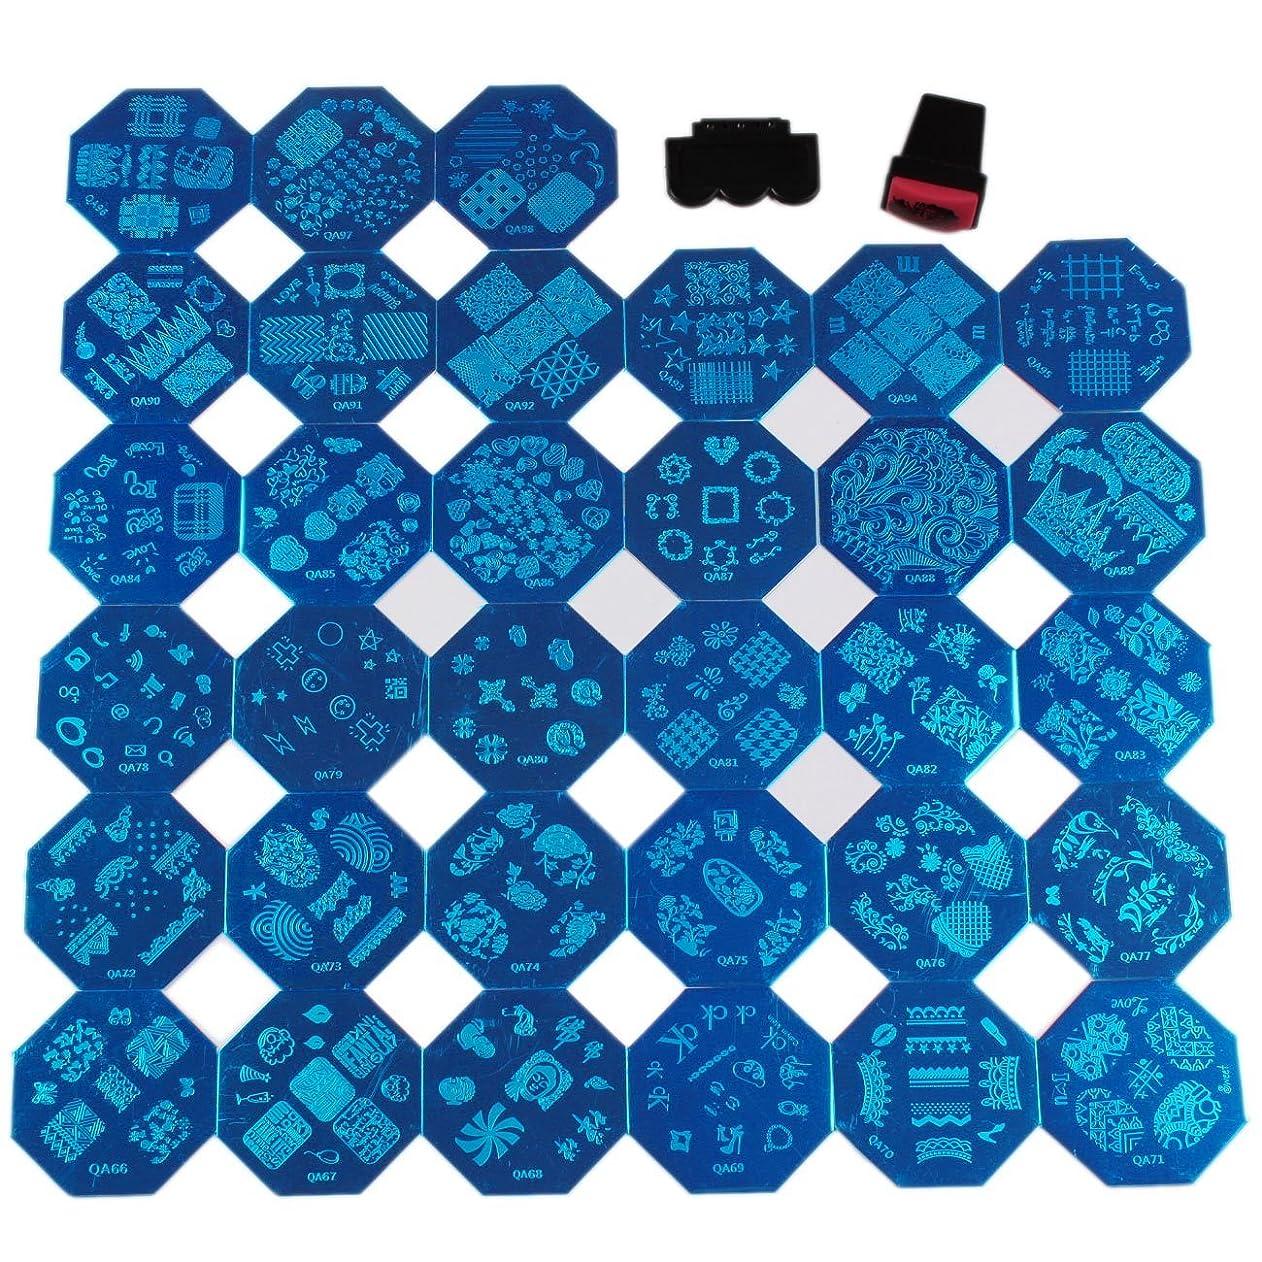 動物オリエンテーションじゃがいもFingerAngel ネイルイメージプレートセット 八角形ネイルプレート 33枚 スタンプ スクレーパー付き ネイルサロンも自宅も適用なネイルプレート 初心者に簡単に仕上がるネイルアート